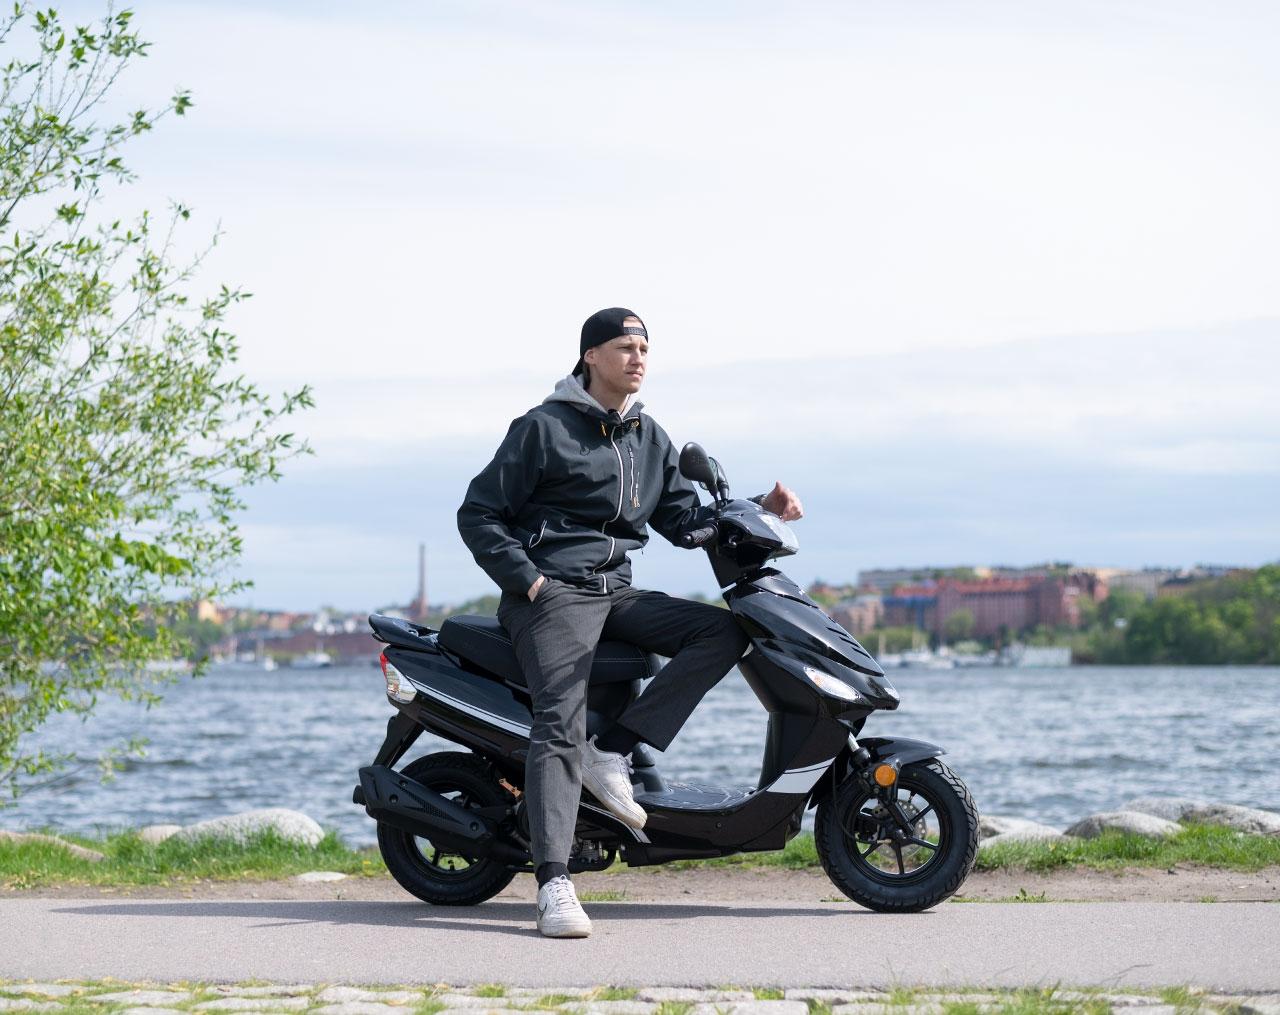 Drax Awesome 25km/h Svart Euro5 Moped